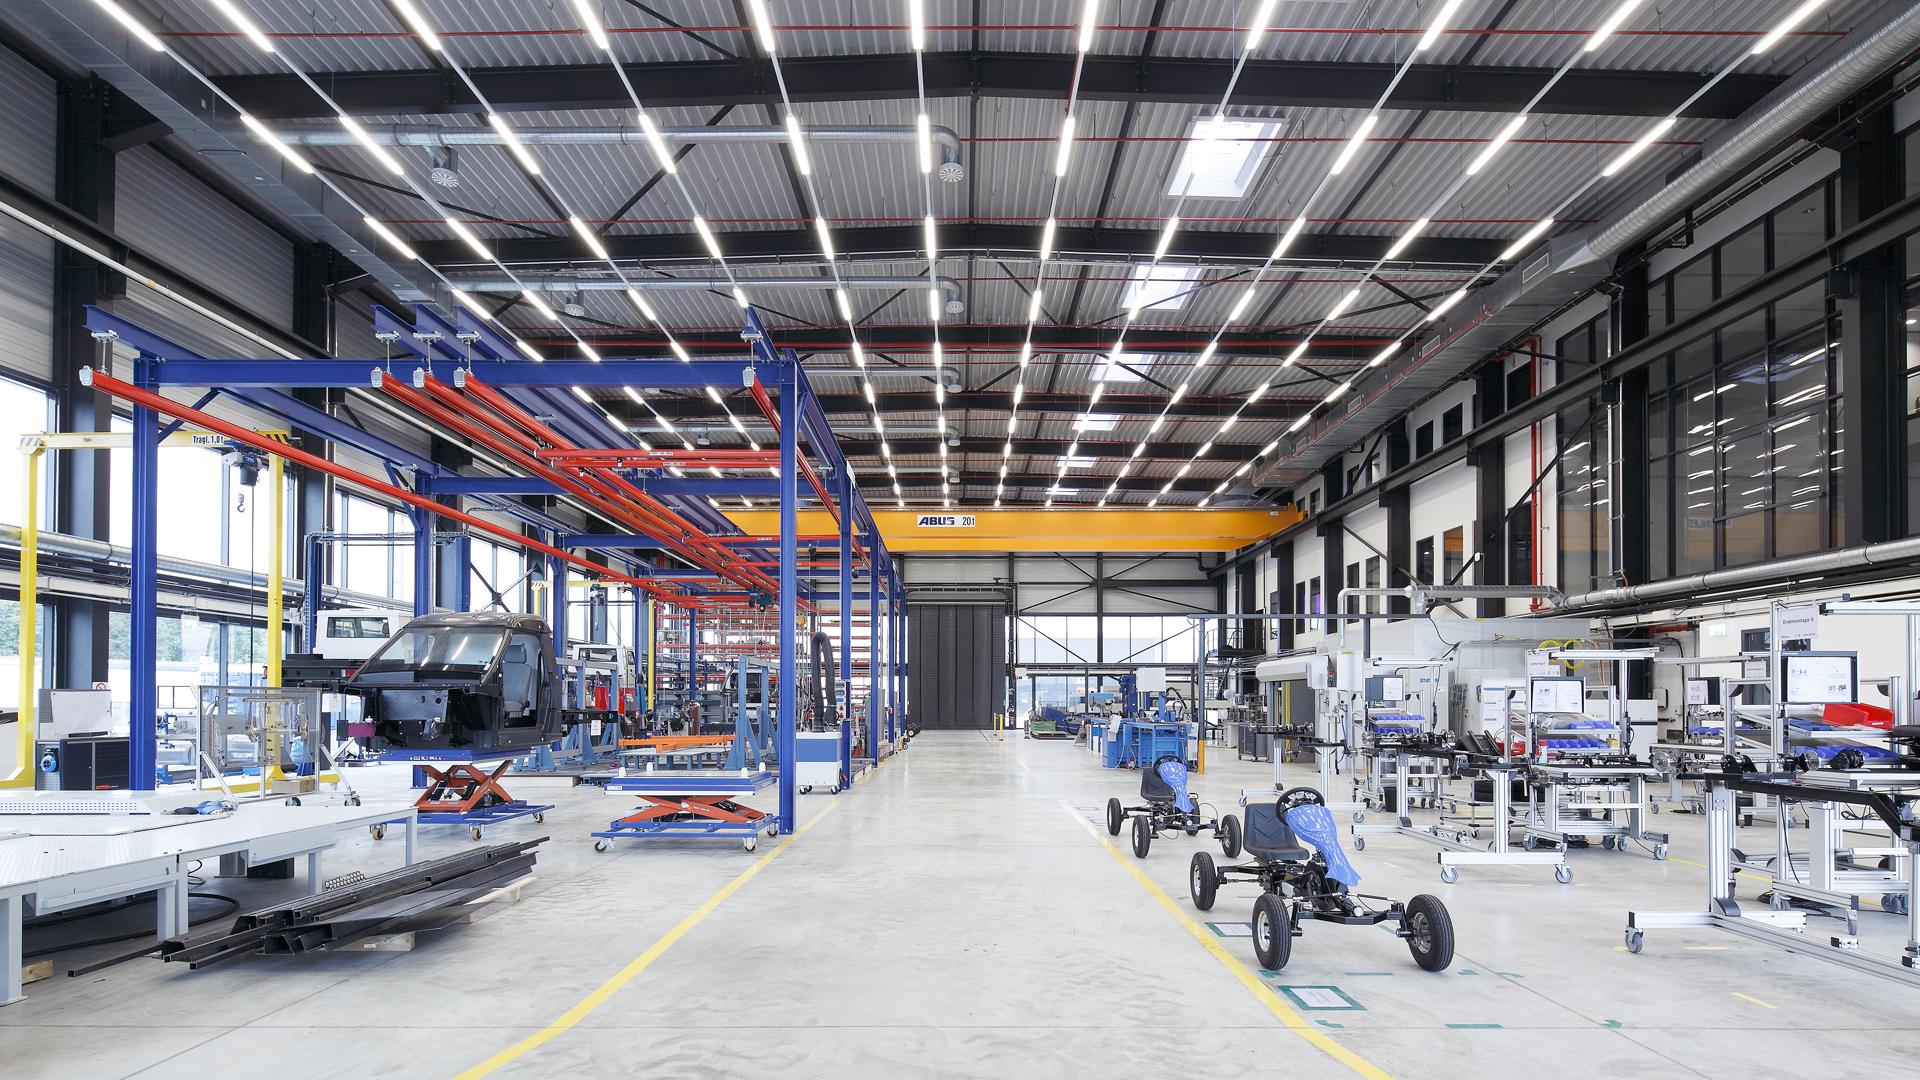 Ein Bild einer Demonstrationsfabrik